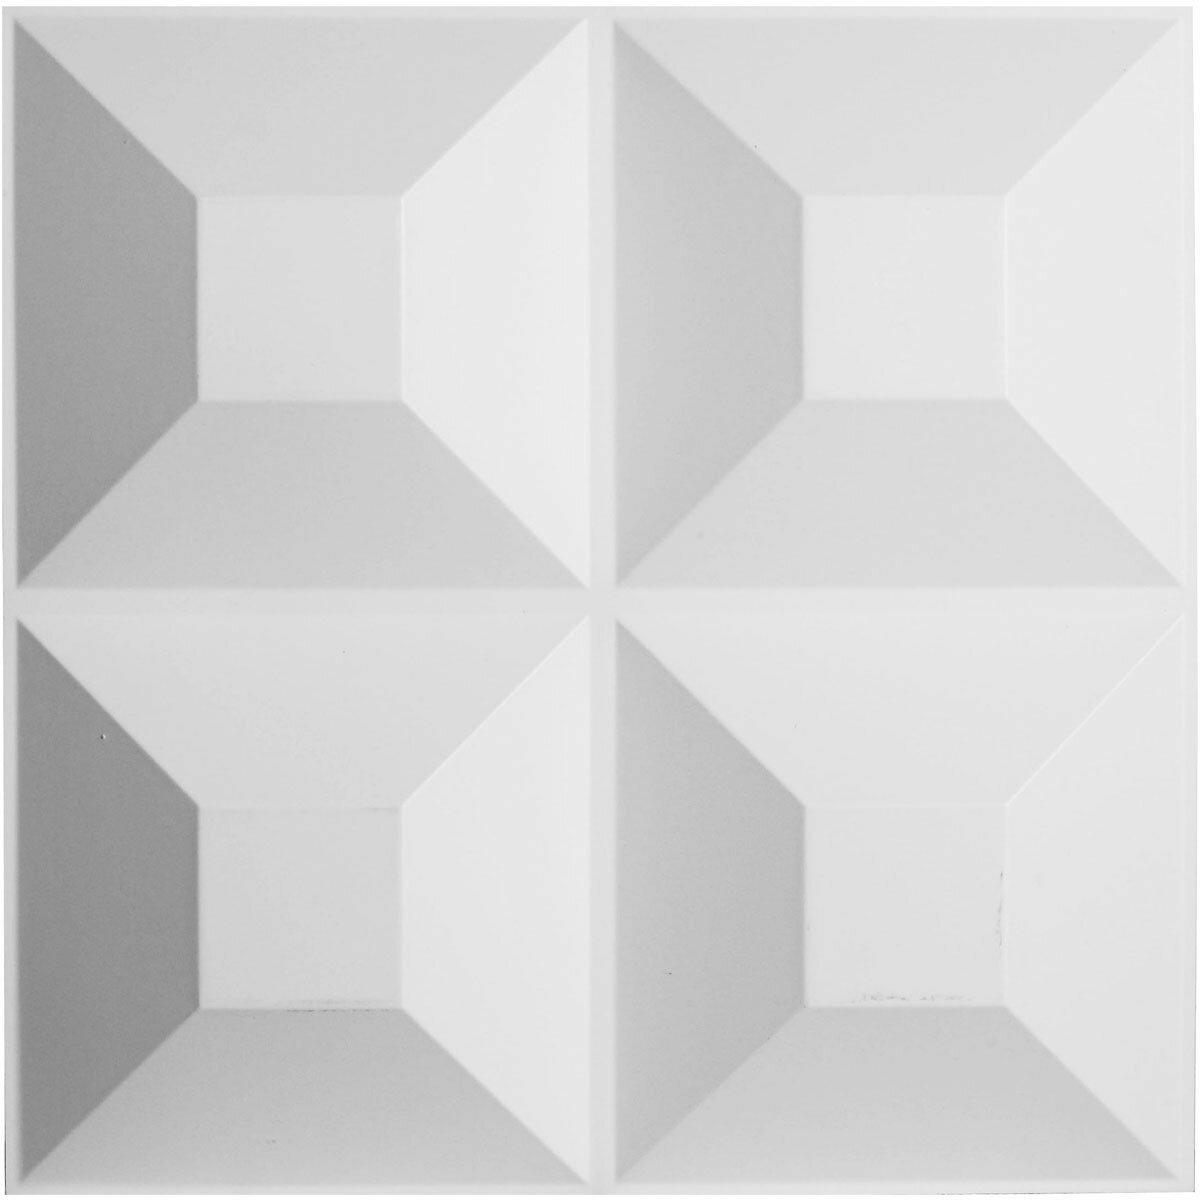 ekena millwork foster endurawall decorative 19 6 l x 19 6 w 3d